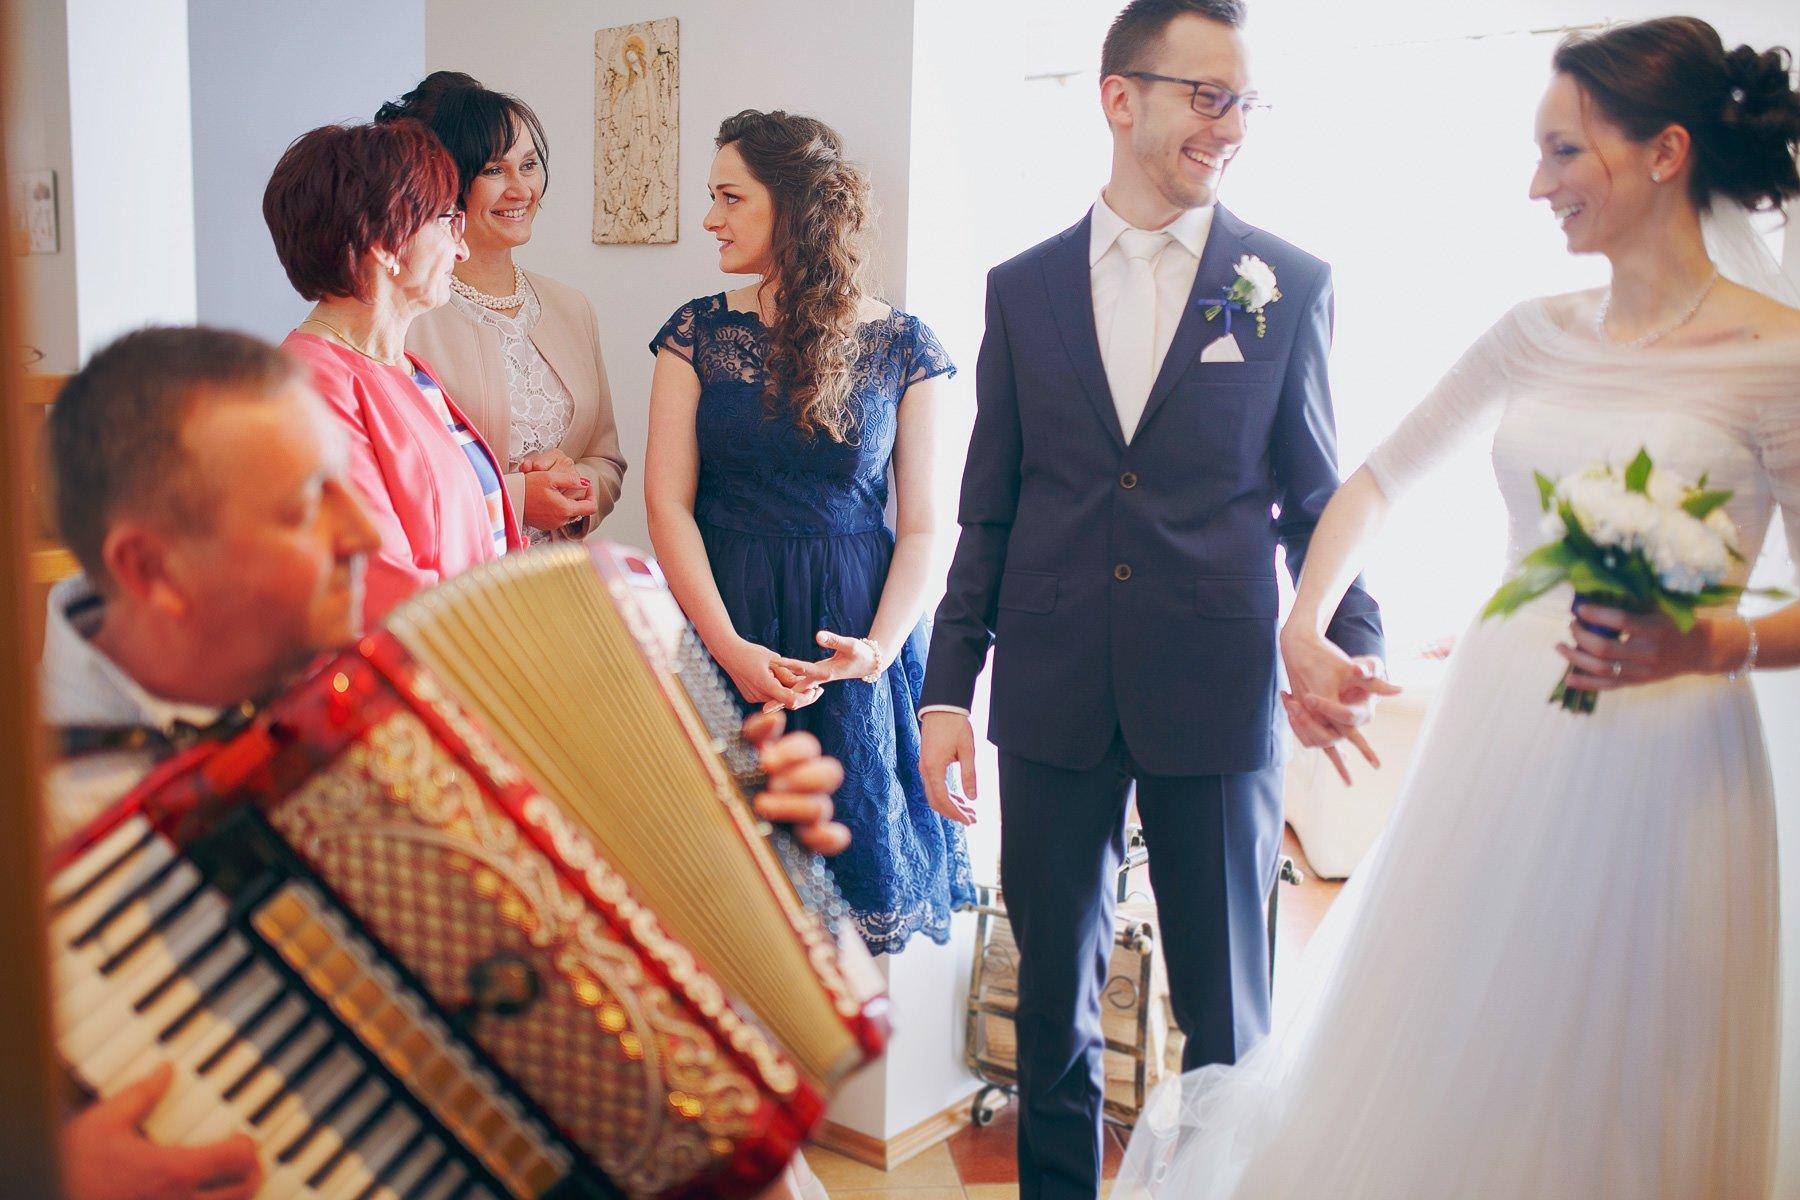 fotograf slub bielsko biala ania maciej 35 - Ślub w Bielsku-Białej - ANIA & MACIEJ